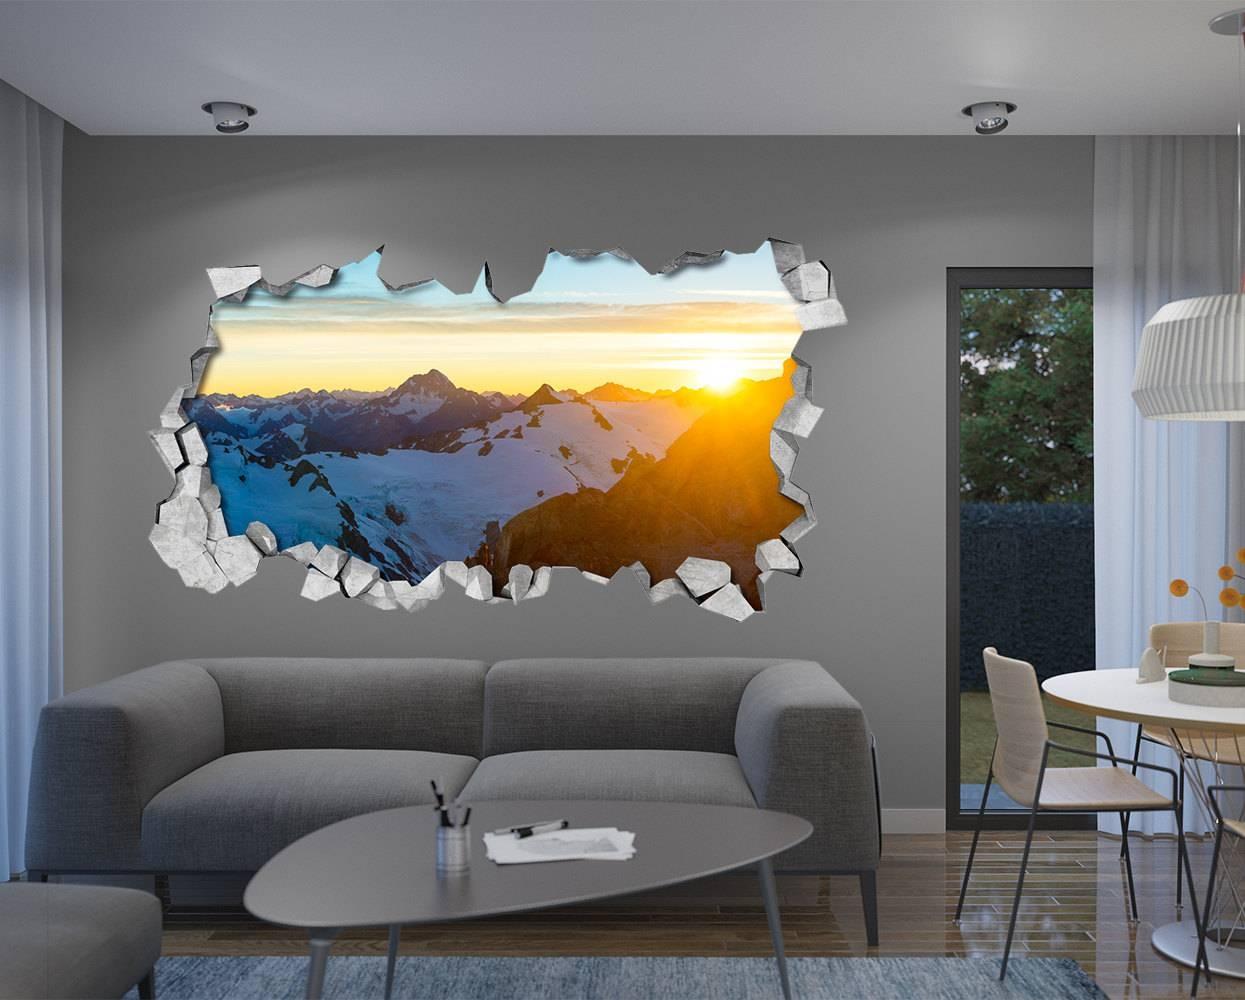 Sunny Mountain 3d Wall 3d Wallpaper 3d Wall Art 3d Regarding Most Recent 3d Wall Art For Living Room (View 6 of 20)